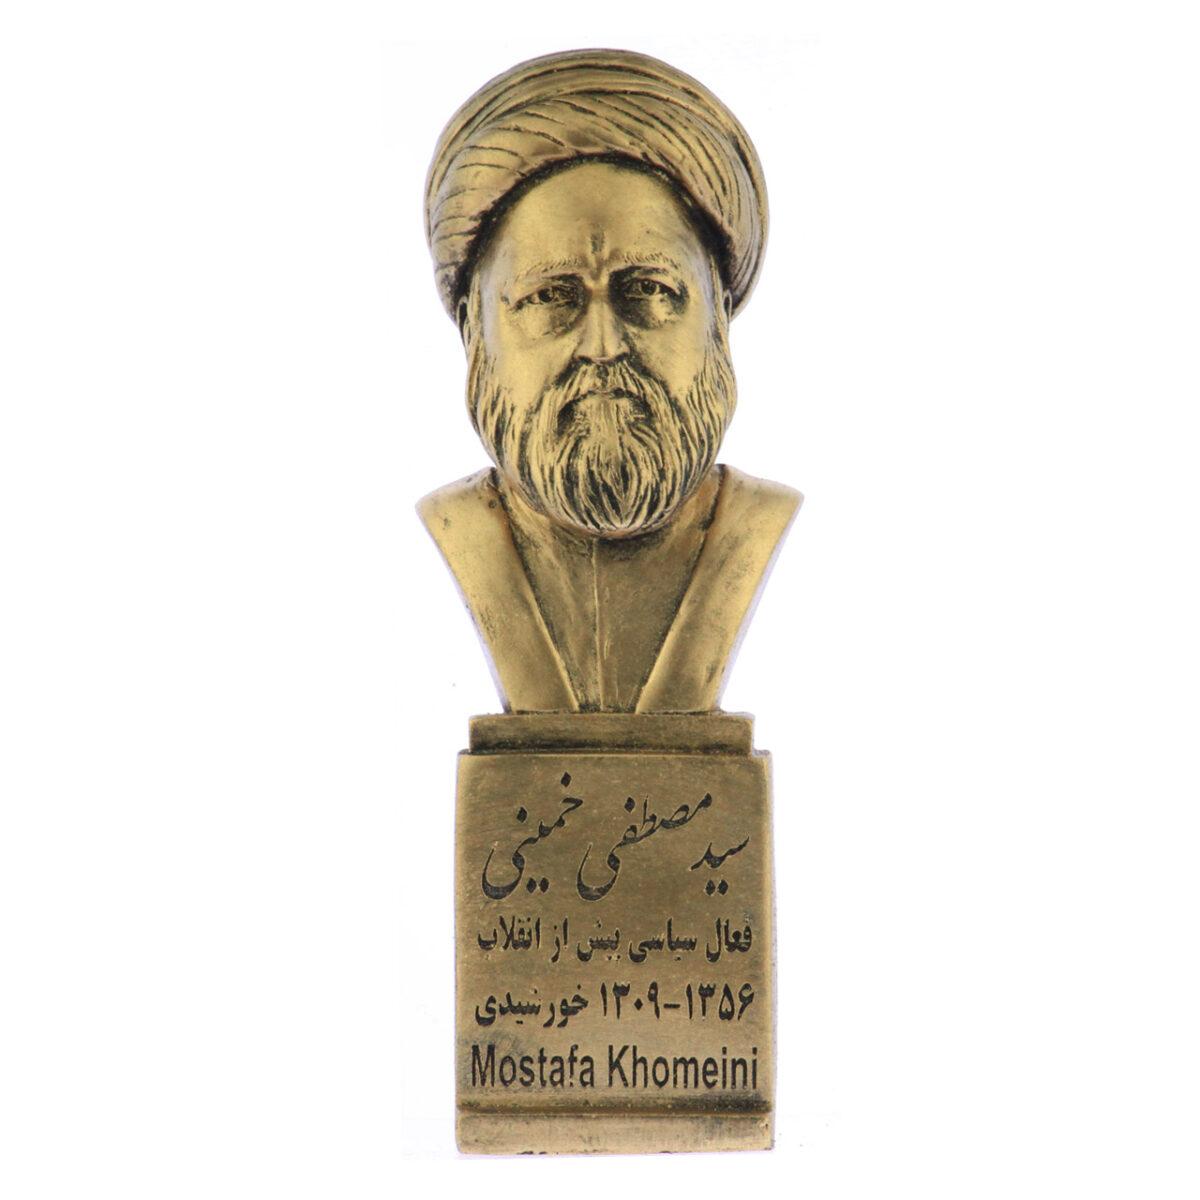 mostafa khomeini b 1200x1200 - سردیس سید مصطفی خمینی